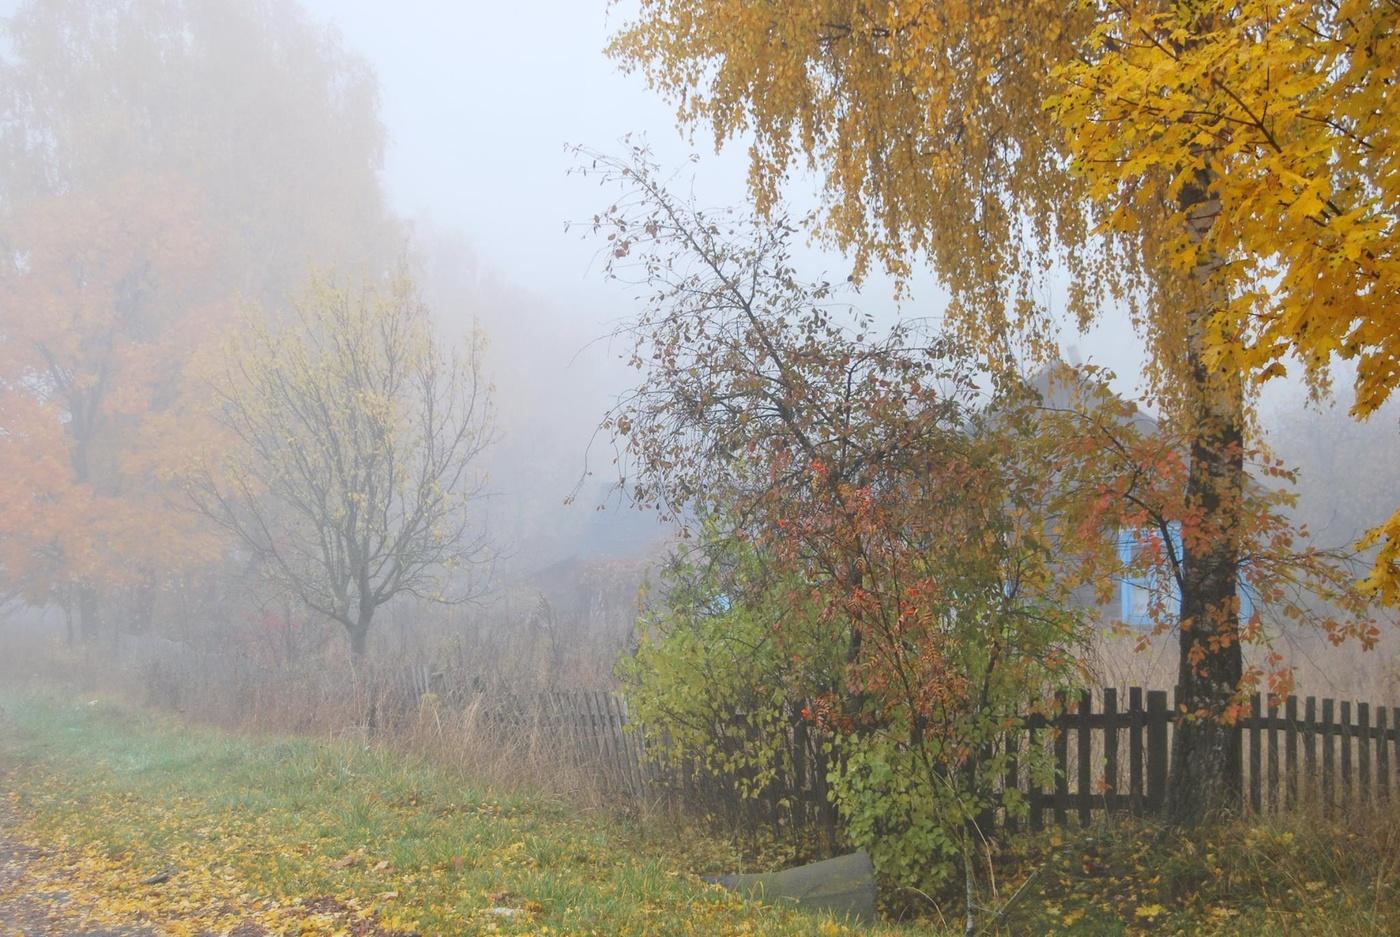 фотографии дождливая осень в деревне при